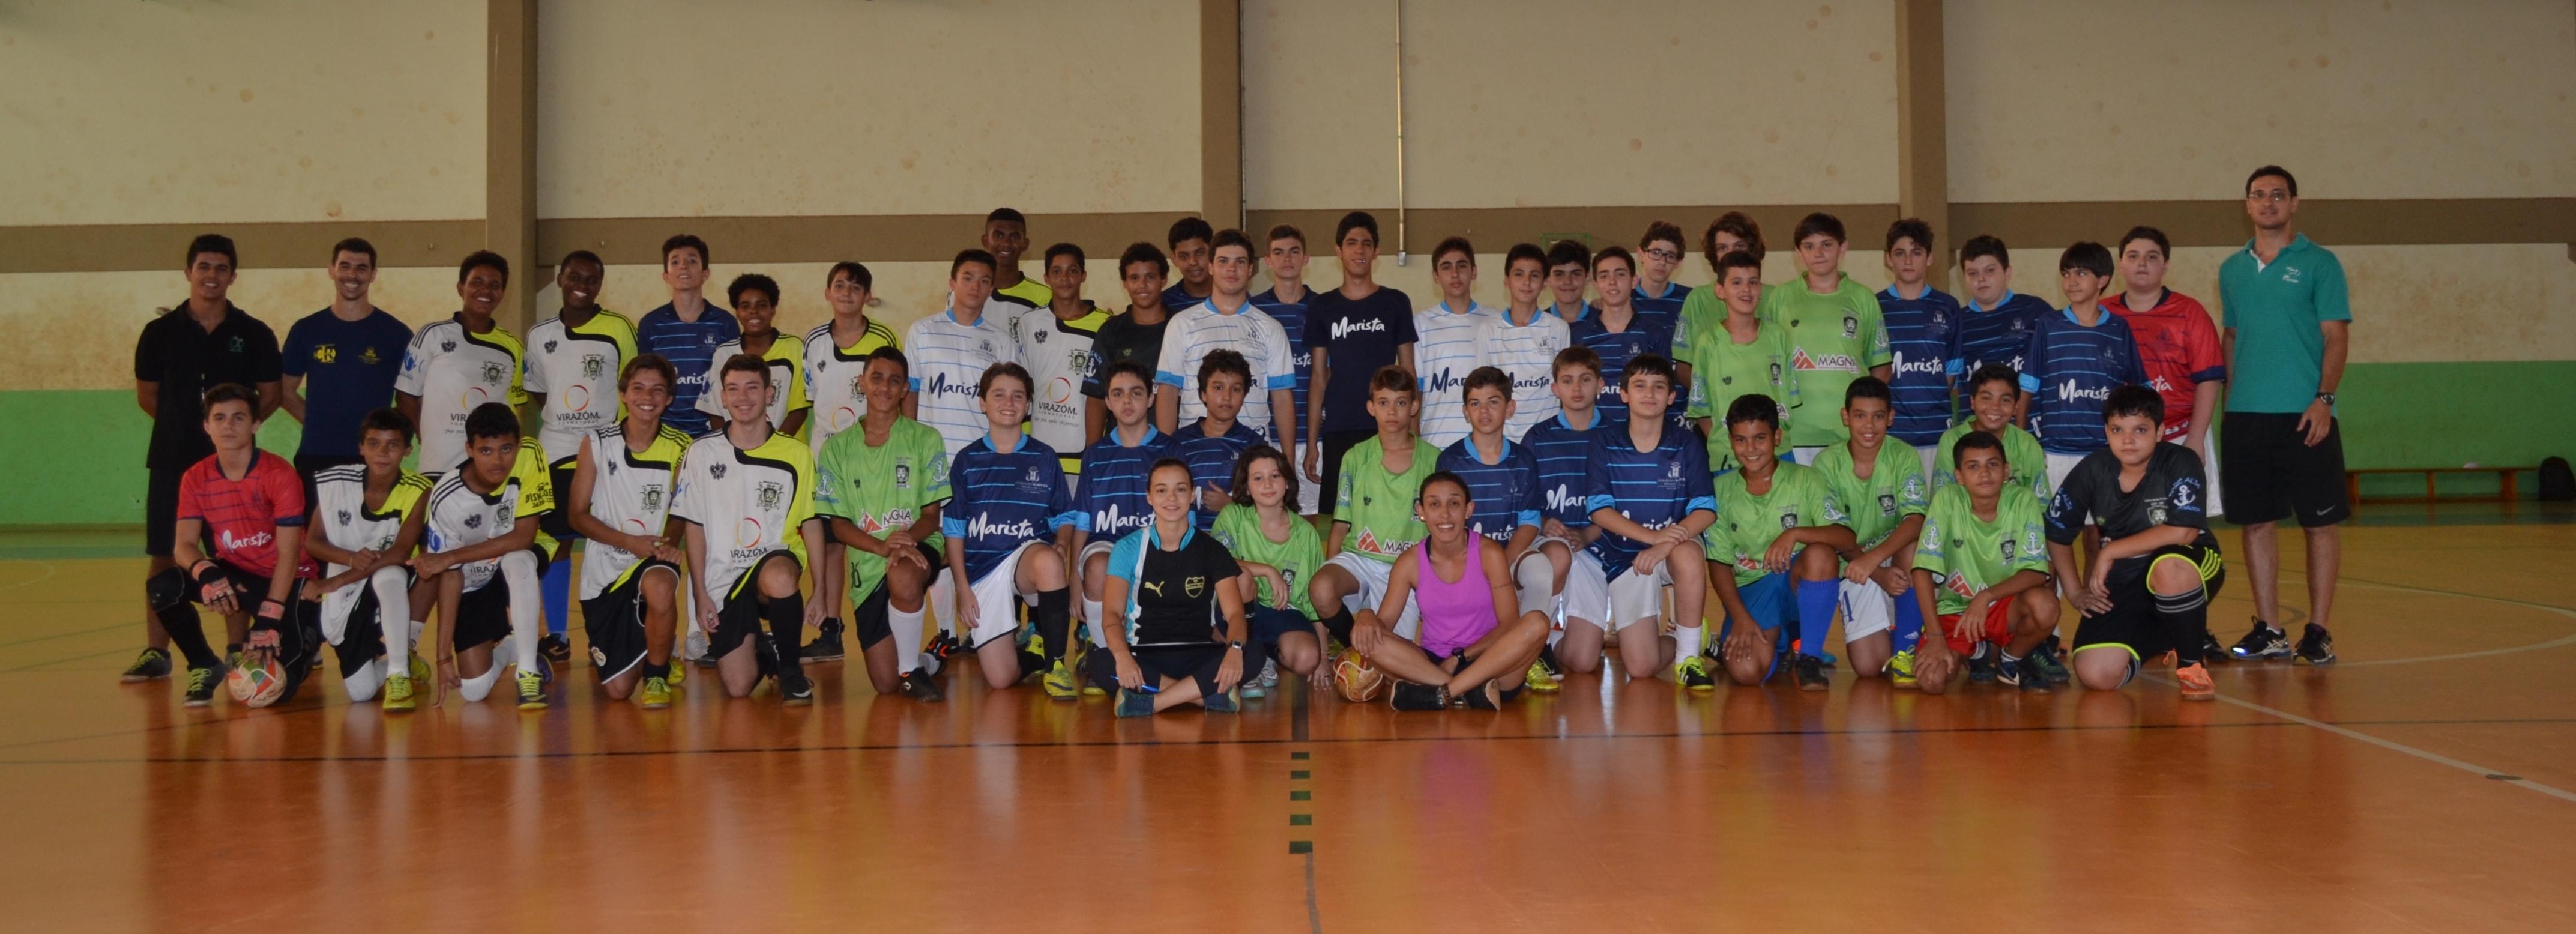 Foto: Divulgação/EEFERP-USP